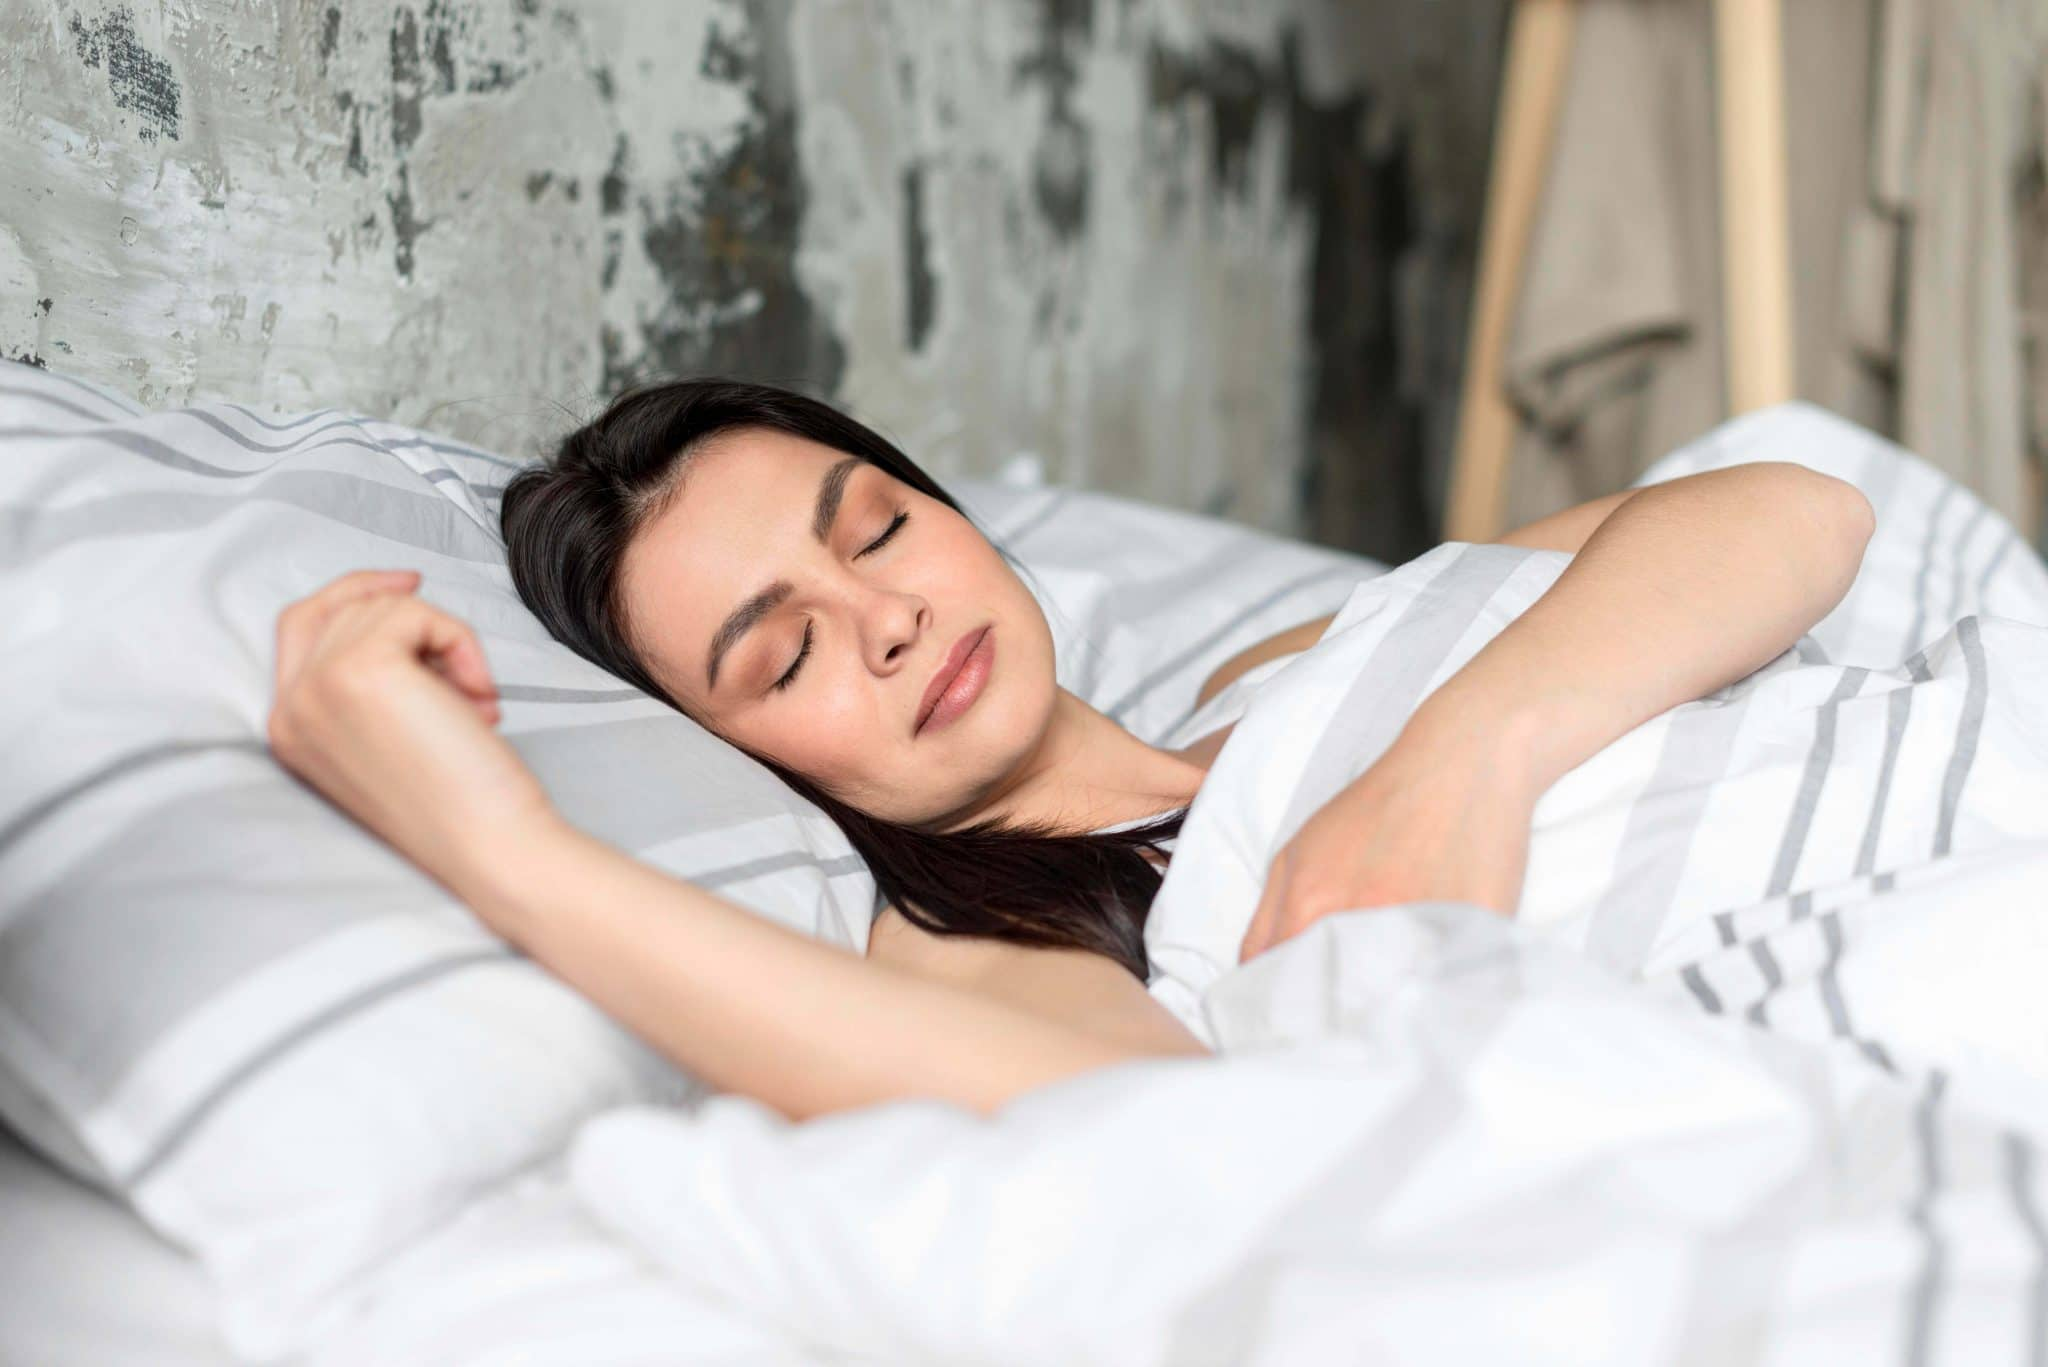 pouvez-vous perdre du poids en dormant toute la journée